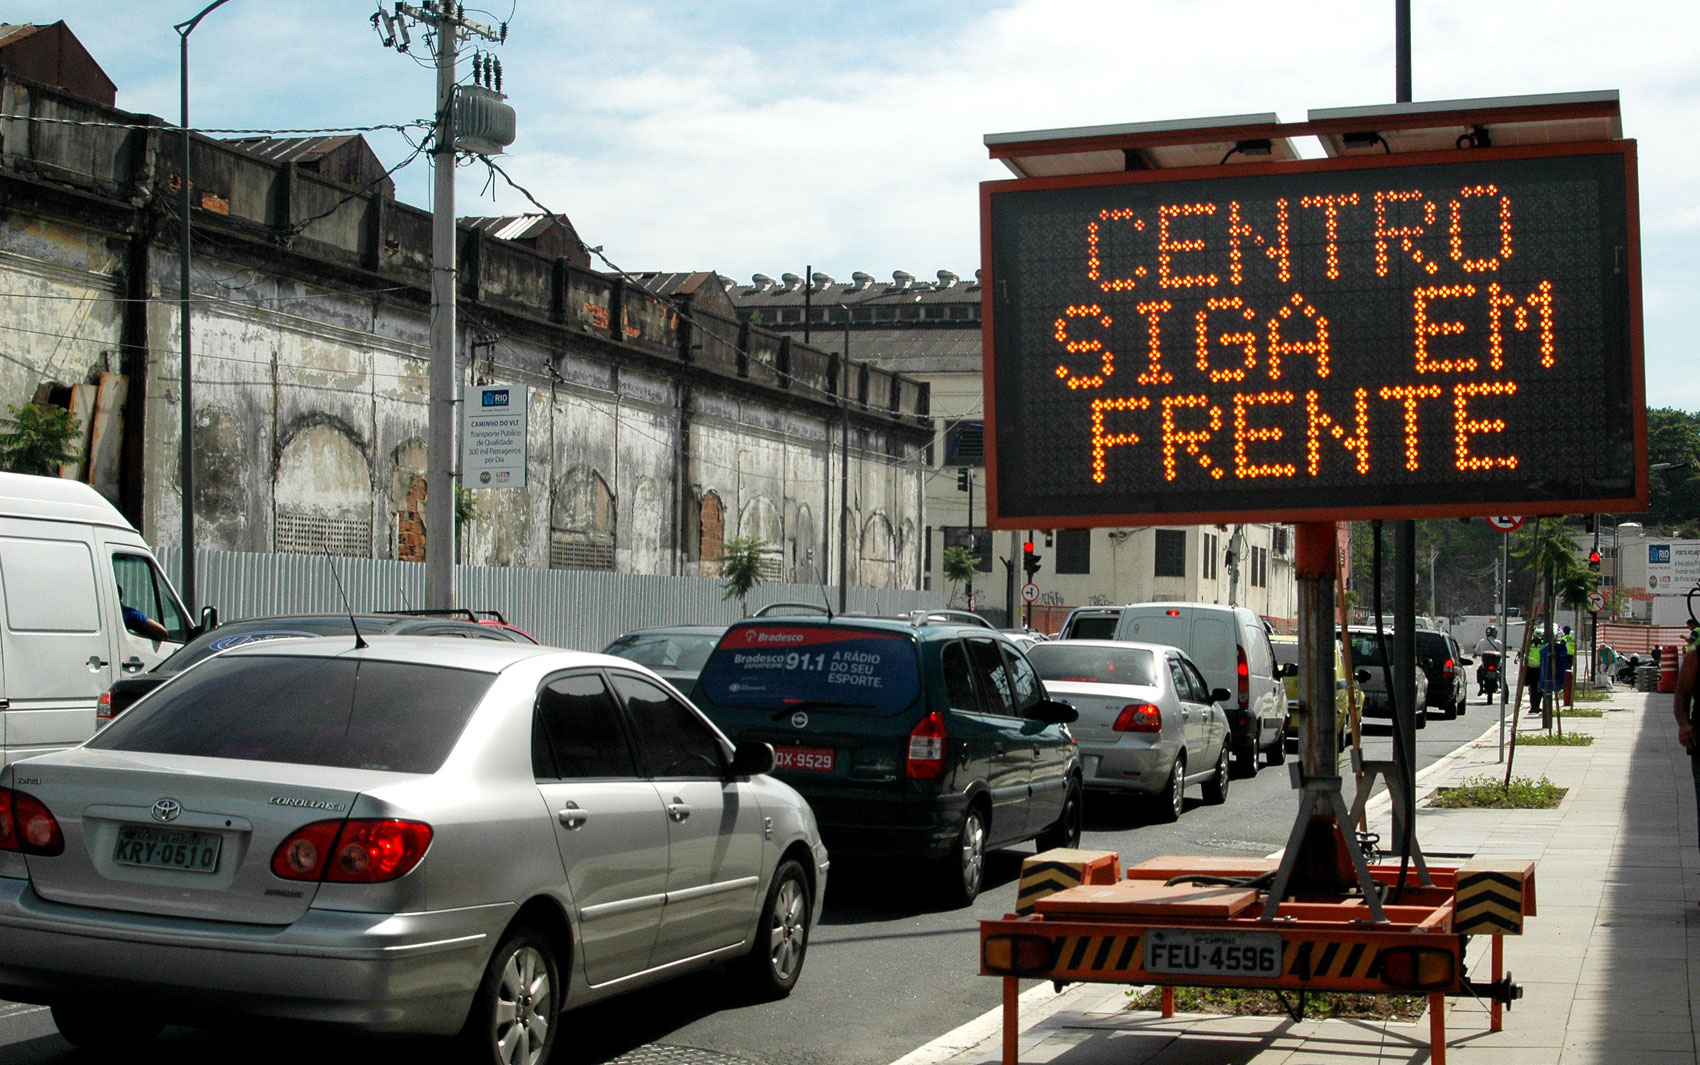 Trânsito lento na saída do Túnel da Via Binário na manhã desta quinta-feira (20), sentido Centro